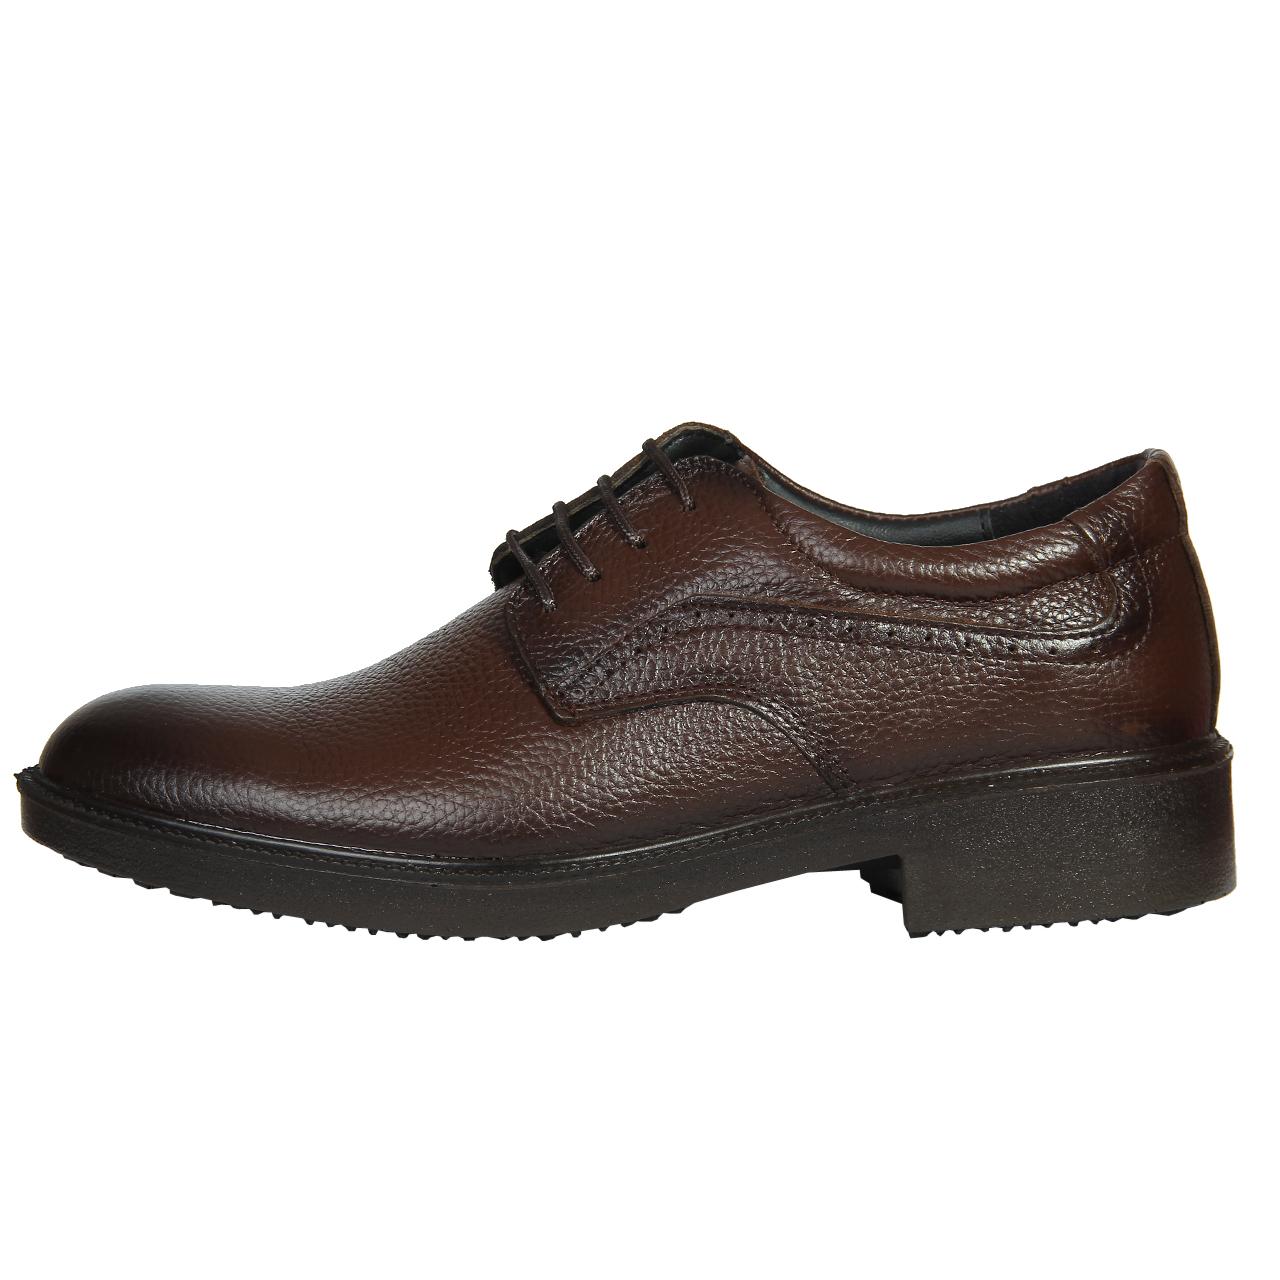 کفش مردانه رخشی کد 005 -  - 4